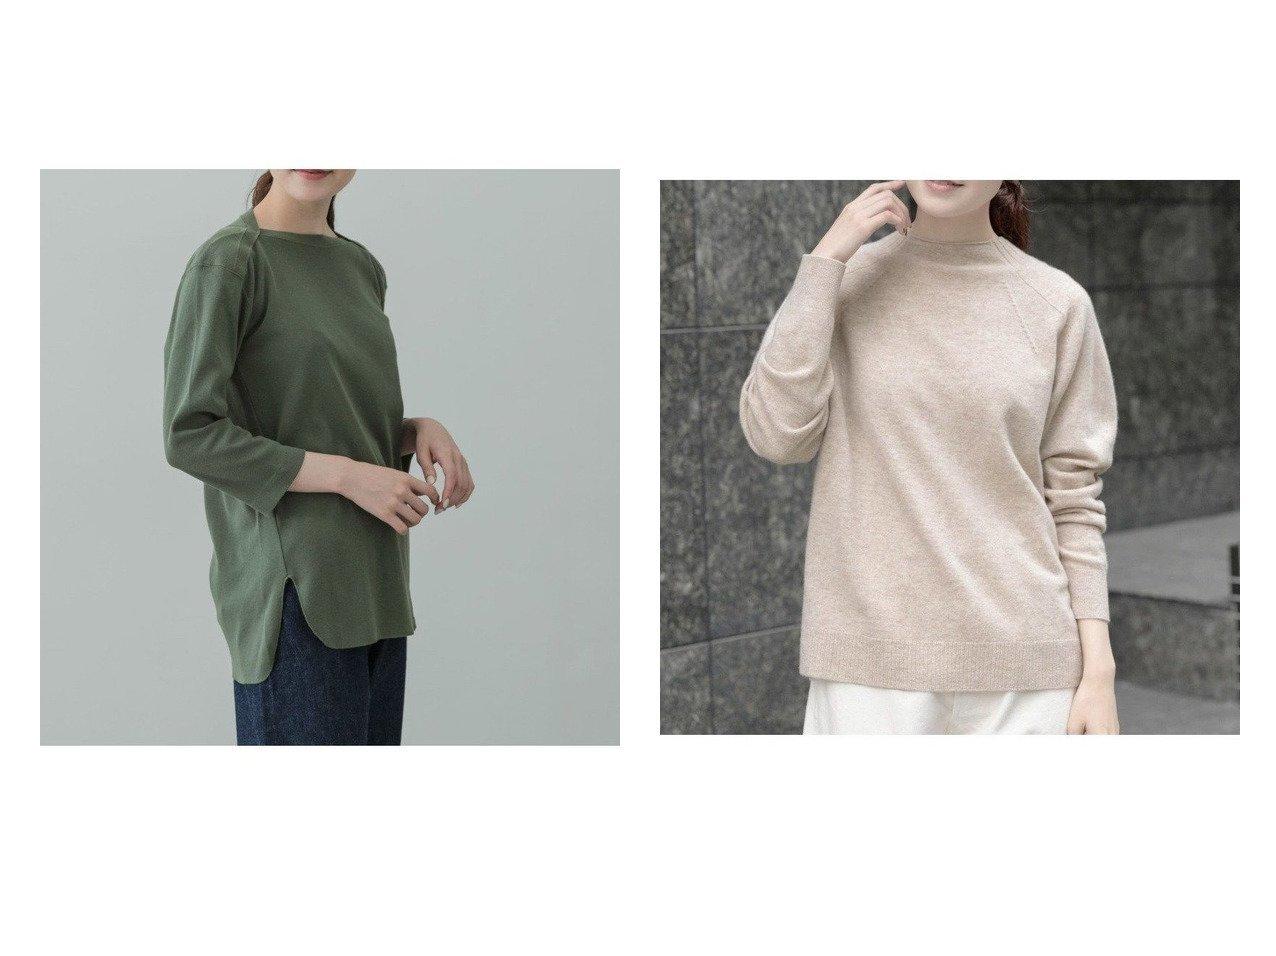 【kagure/かぐれ】のunfil vintage cotton boatneck T-Shirts&ウールモックネックプルオーバーニット トップス・カットソーのおすすめ!人気、トレンド・レディースファッションの通販  おすすめで人気の流行・トレンド、ファッションの通販商品 メンズファッション・キッズファッション・インテリア・家具・レディースファッション・服の通販 founy(ファニー) https://founy.com/ ファッション Fashion レディースファッション WOMEN トップス Tops Tshirt シャツ/ブラウス Shirts Blouses ロング / Tシャツ T-Shirts カットソー Cut and Sewn ニット Knit Tops プルオーバー Pullover インド カットソー シンプル スタンダード ラウンド フィット ベーシック リラックス |ID:crp329100000010646